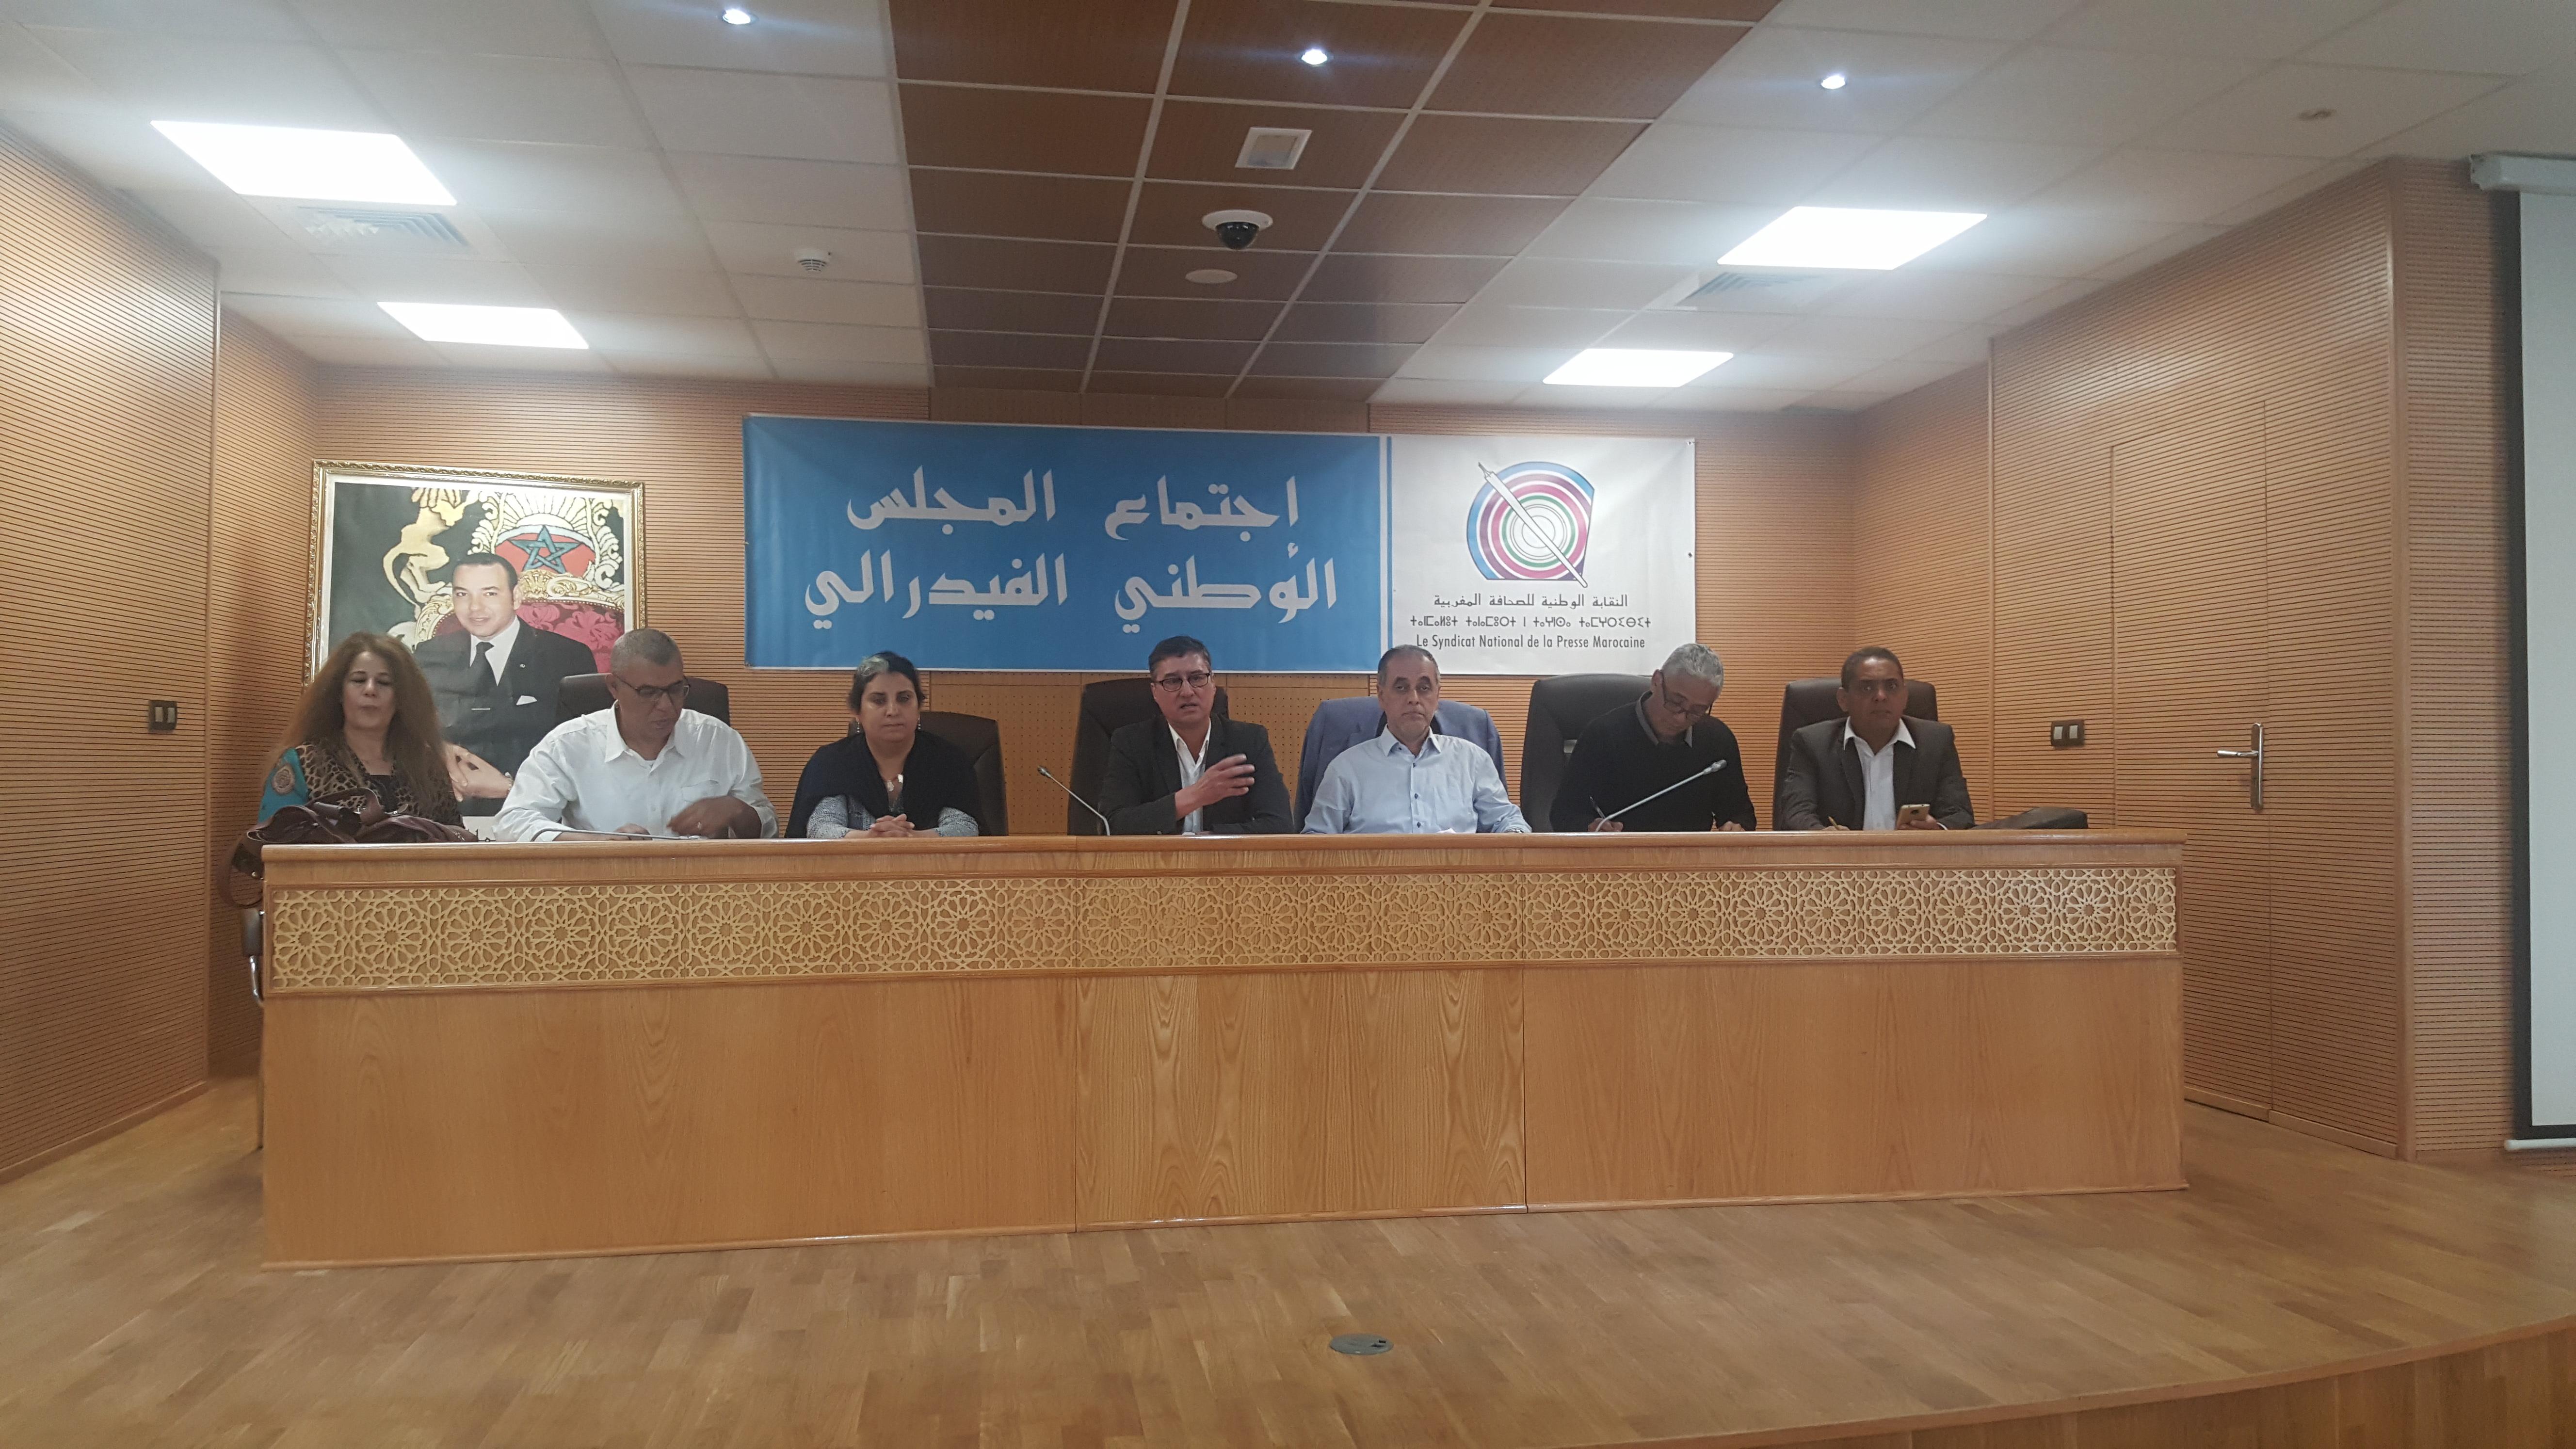 المجلس الوطني للنقابة الوطنية للصحافة المغربية يحقق إجماعا حول عدد من قضايا المهنة ويتعهد بالكثير لفائدة الصحافيات والصحافيين